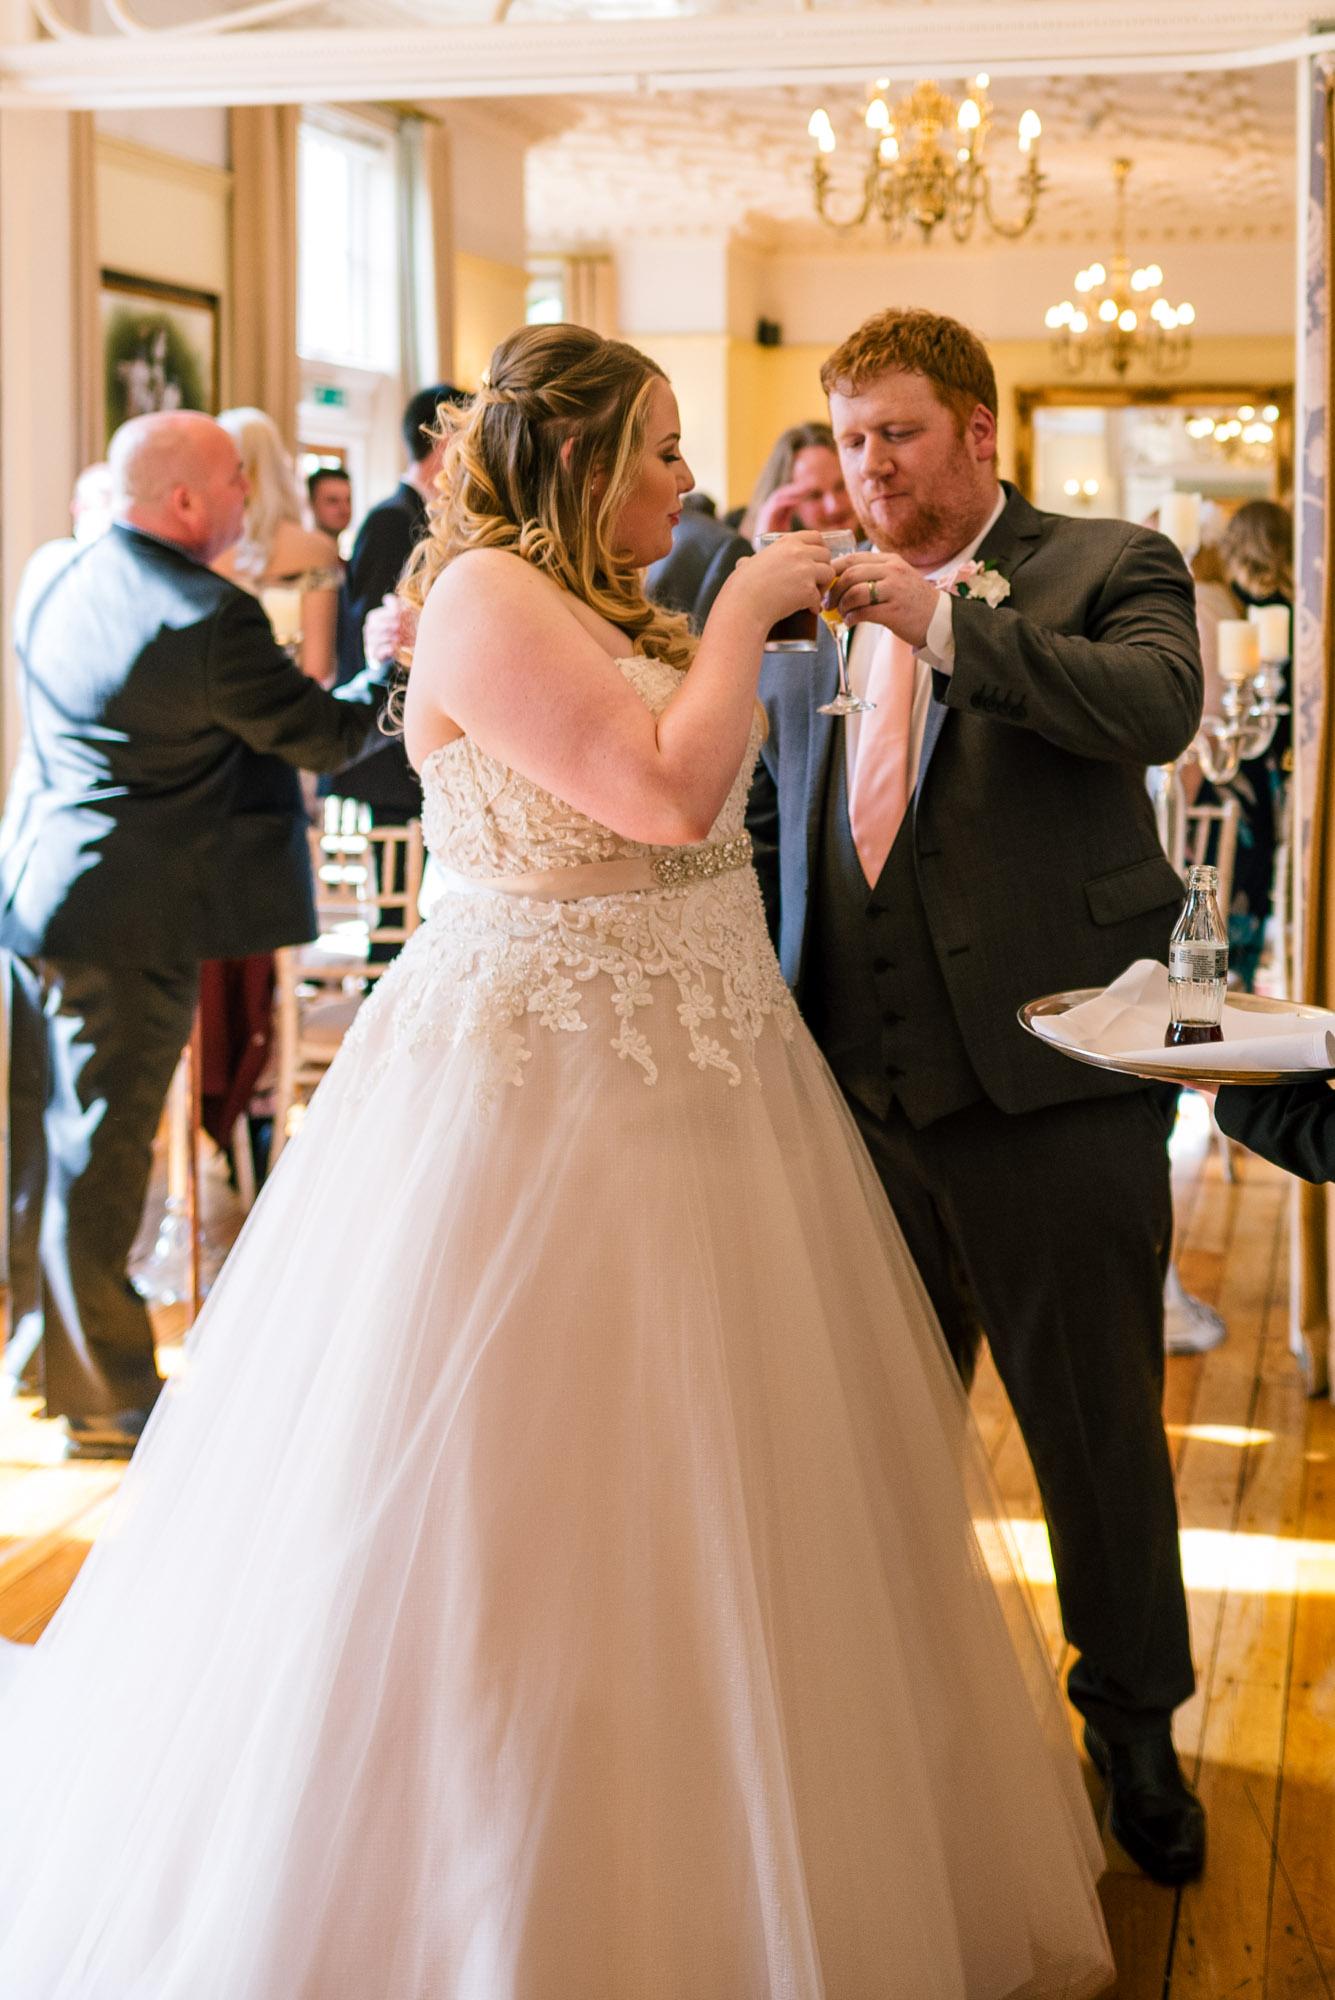 Bride and groom enjoy a drink together